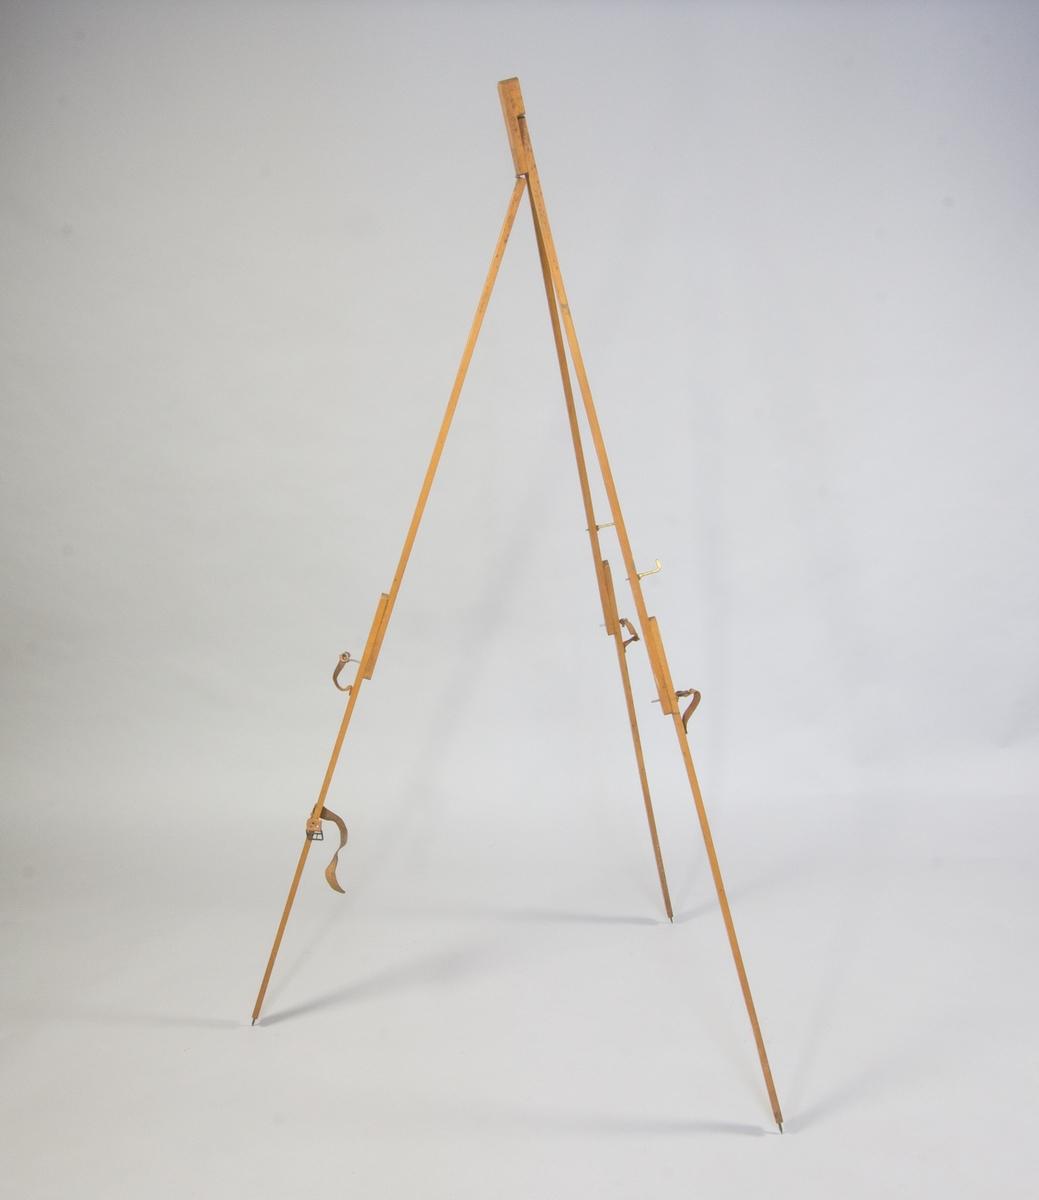 Staffli av trä, trebent. Varje ben avslutas med metallpigg. Hopfällbart.Två mässingskrokar ger stöd åt duken. En läderem med metalltapp på varje ben för att hålla ihop över- och underdel vid uppfällt läge. I hopfällt läge hålls staffliet samman med fast läderrem.